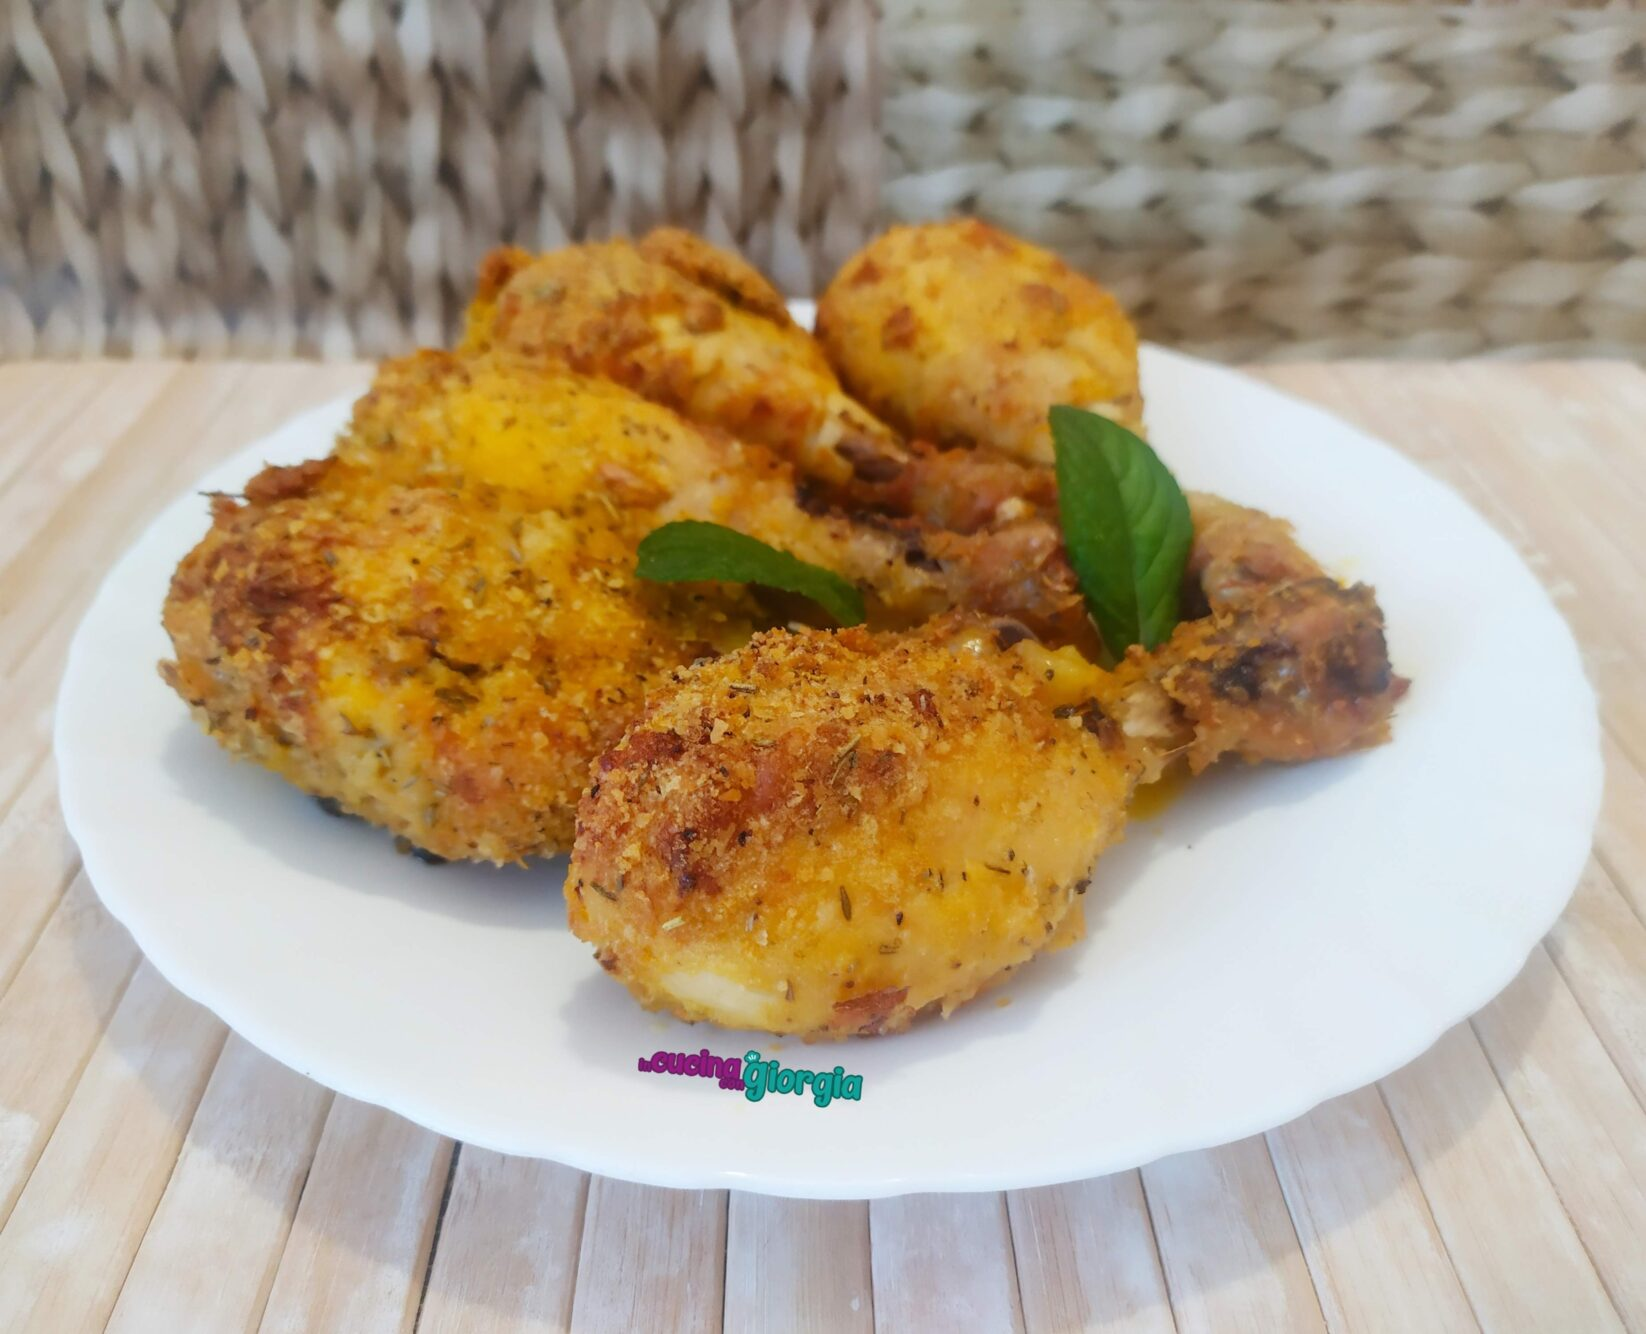 Cosce di pollo impanate al forno